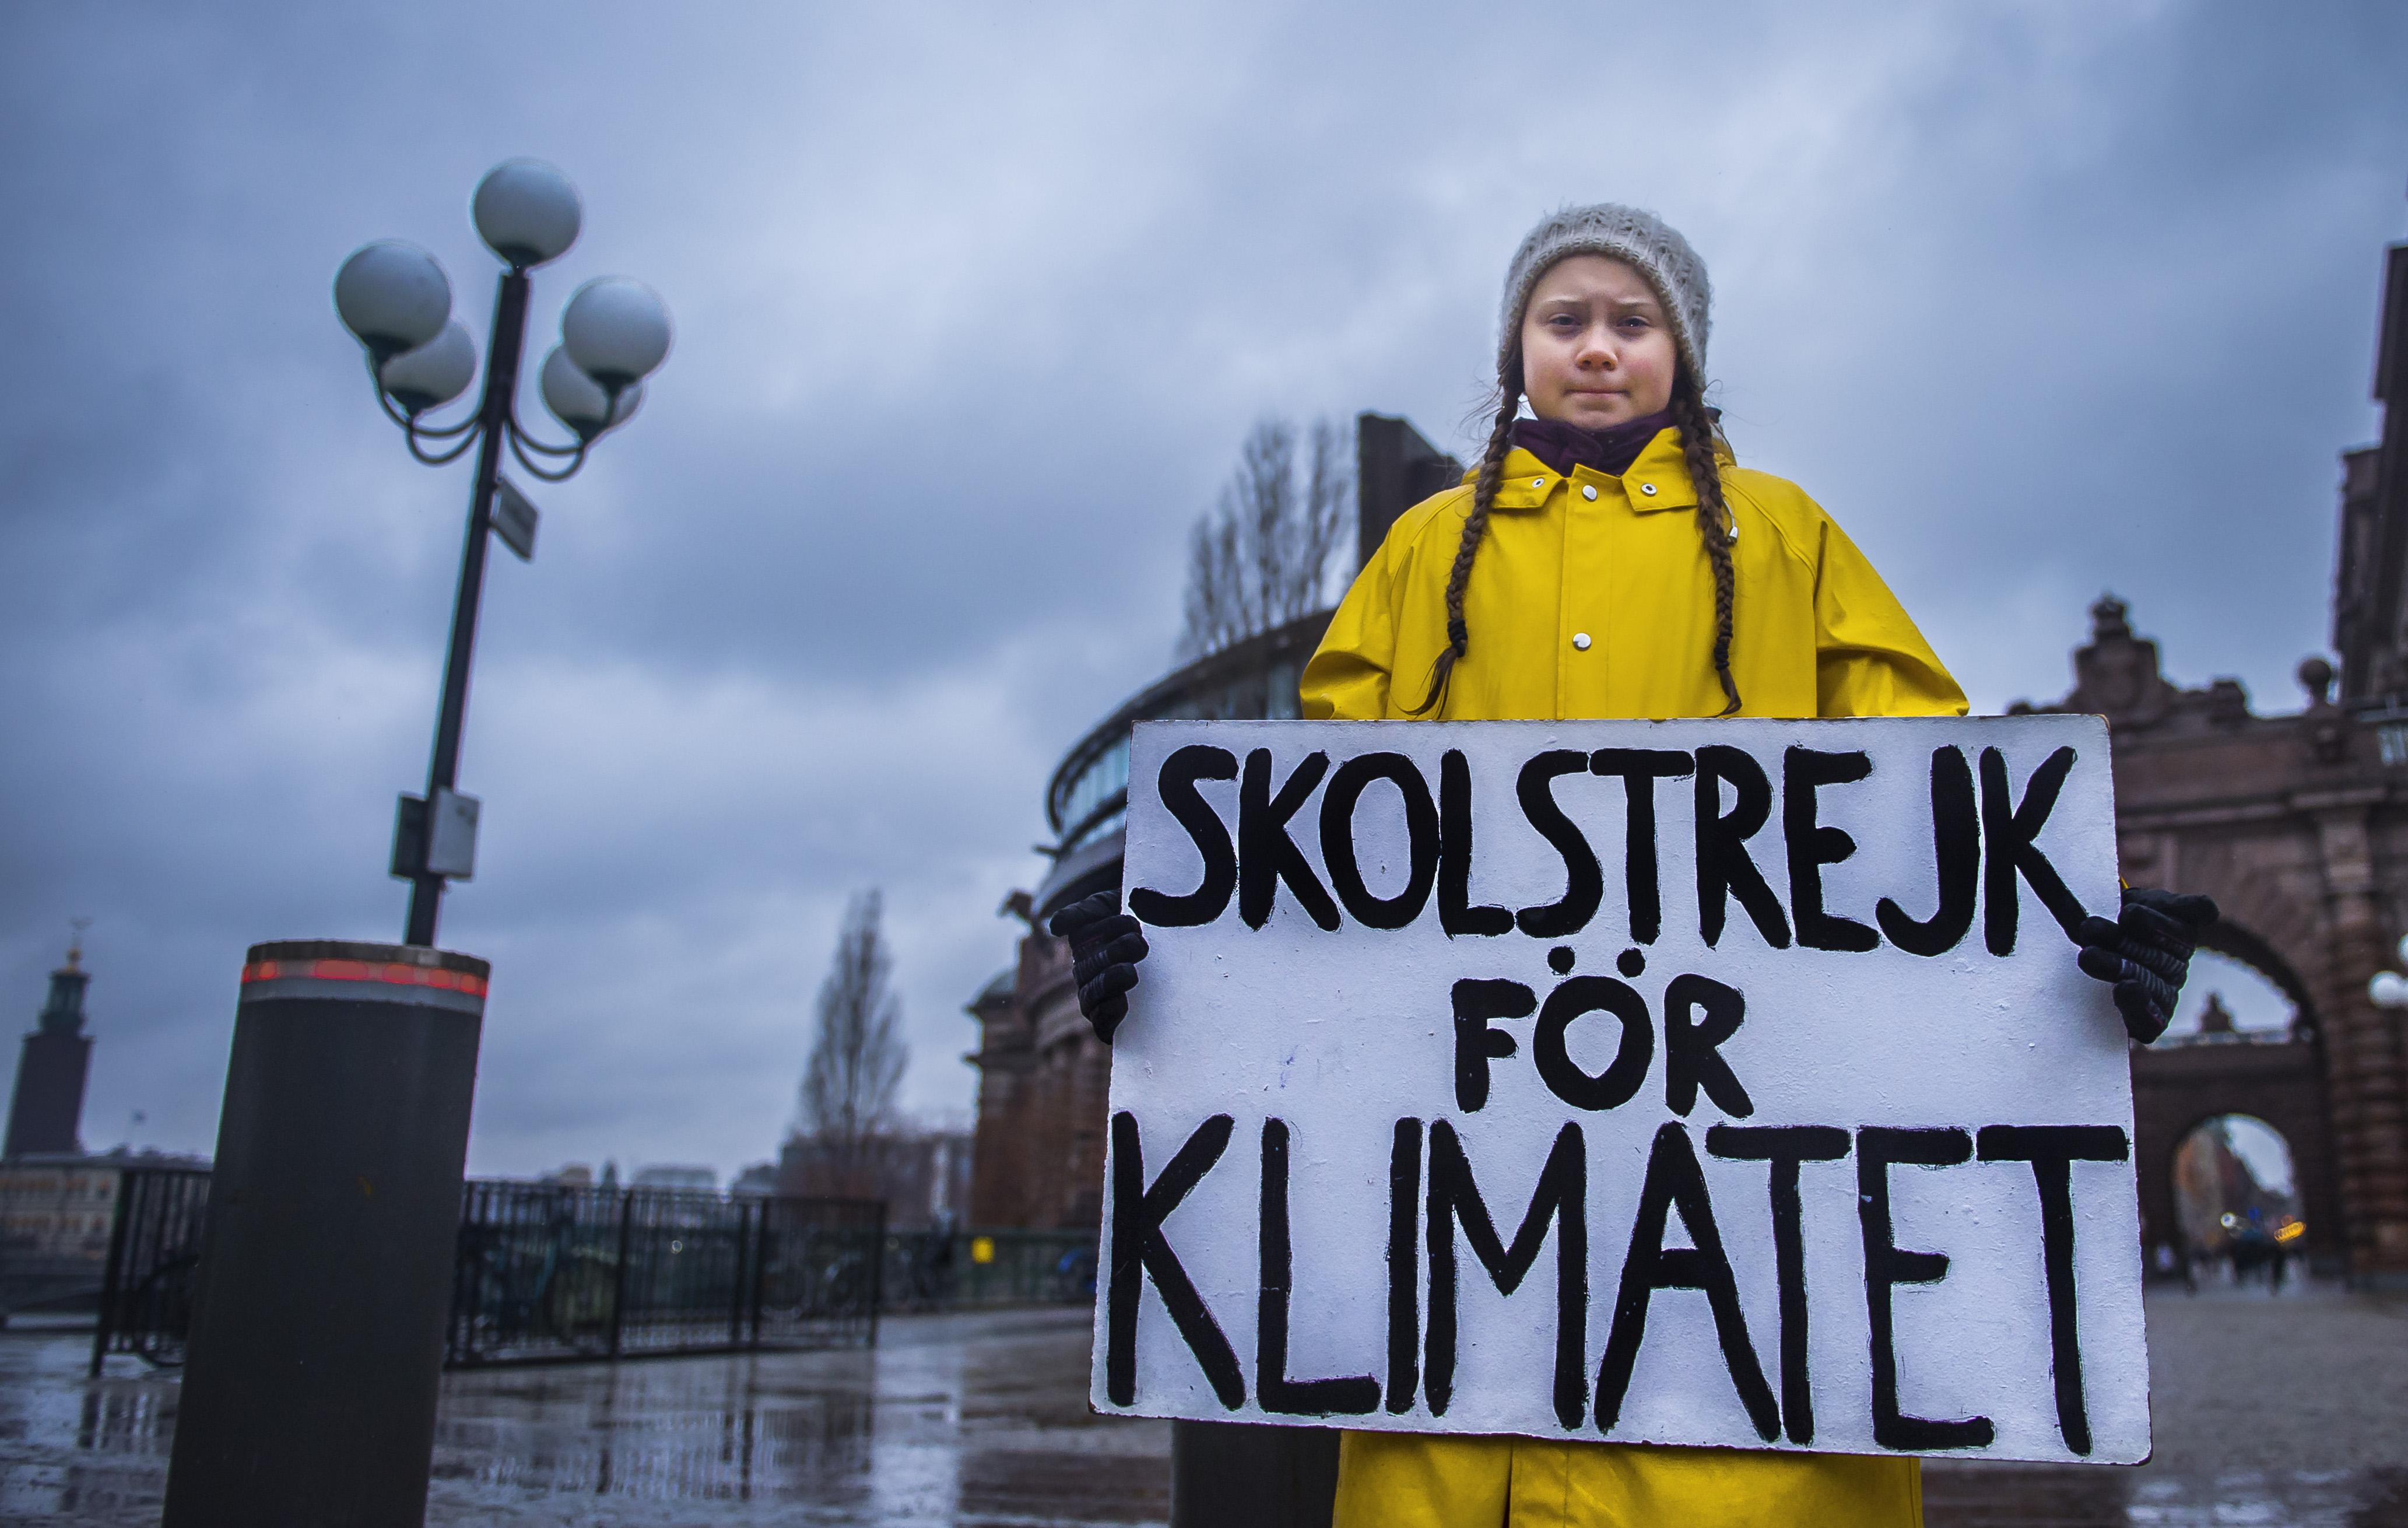 Greta Thunberg Wikipedia: Tout Savoir Sur Greta Thunberg, L'adolescente Icône De La